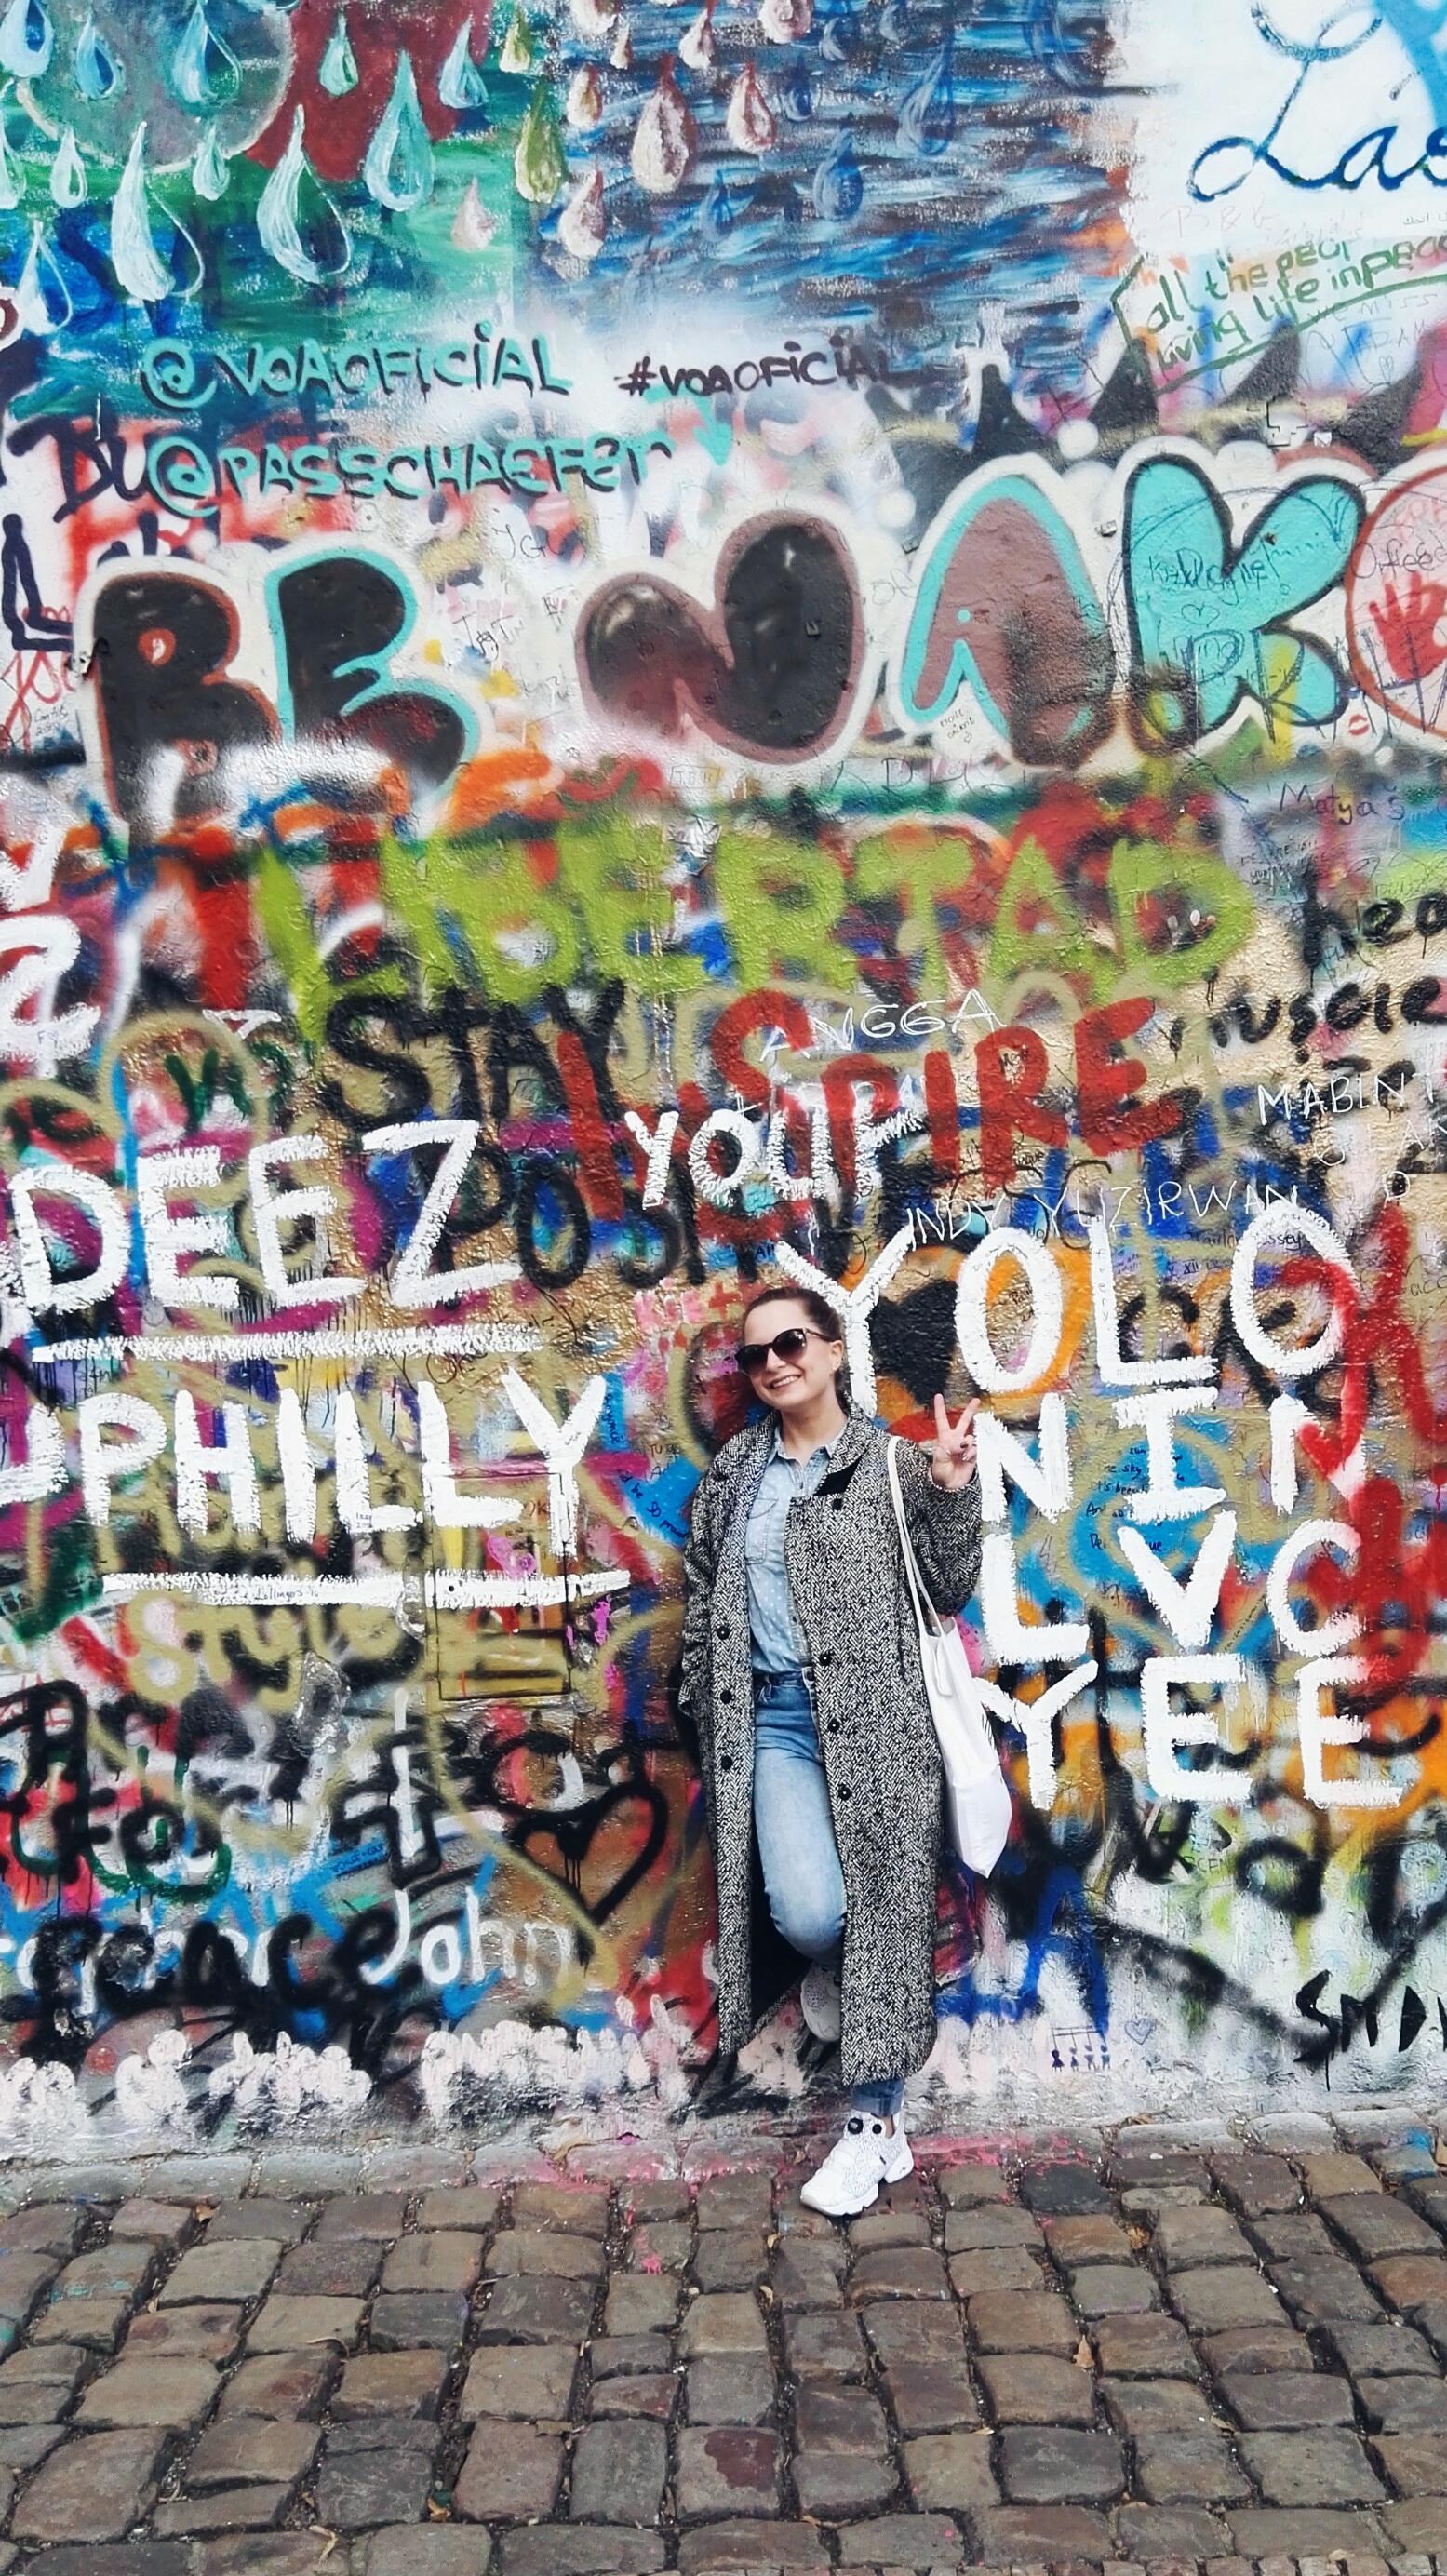 world peace freedom unity John Lennon Wall